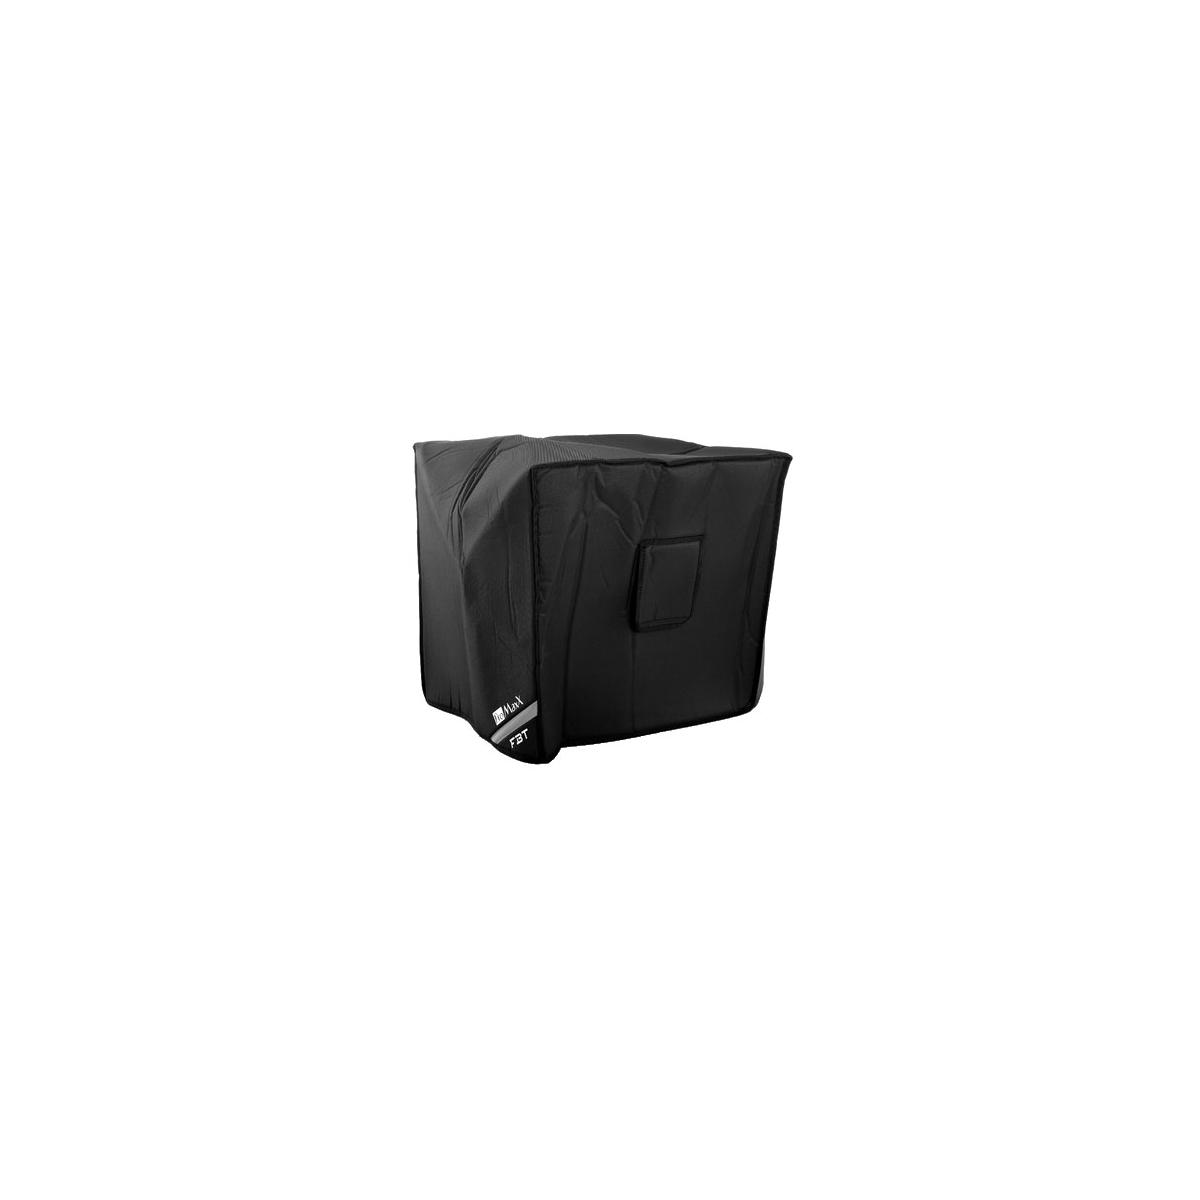 Housses caissons de basse - Fbt - V65 Housse pour PRO MaxX15Sa